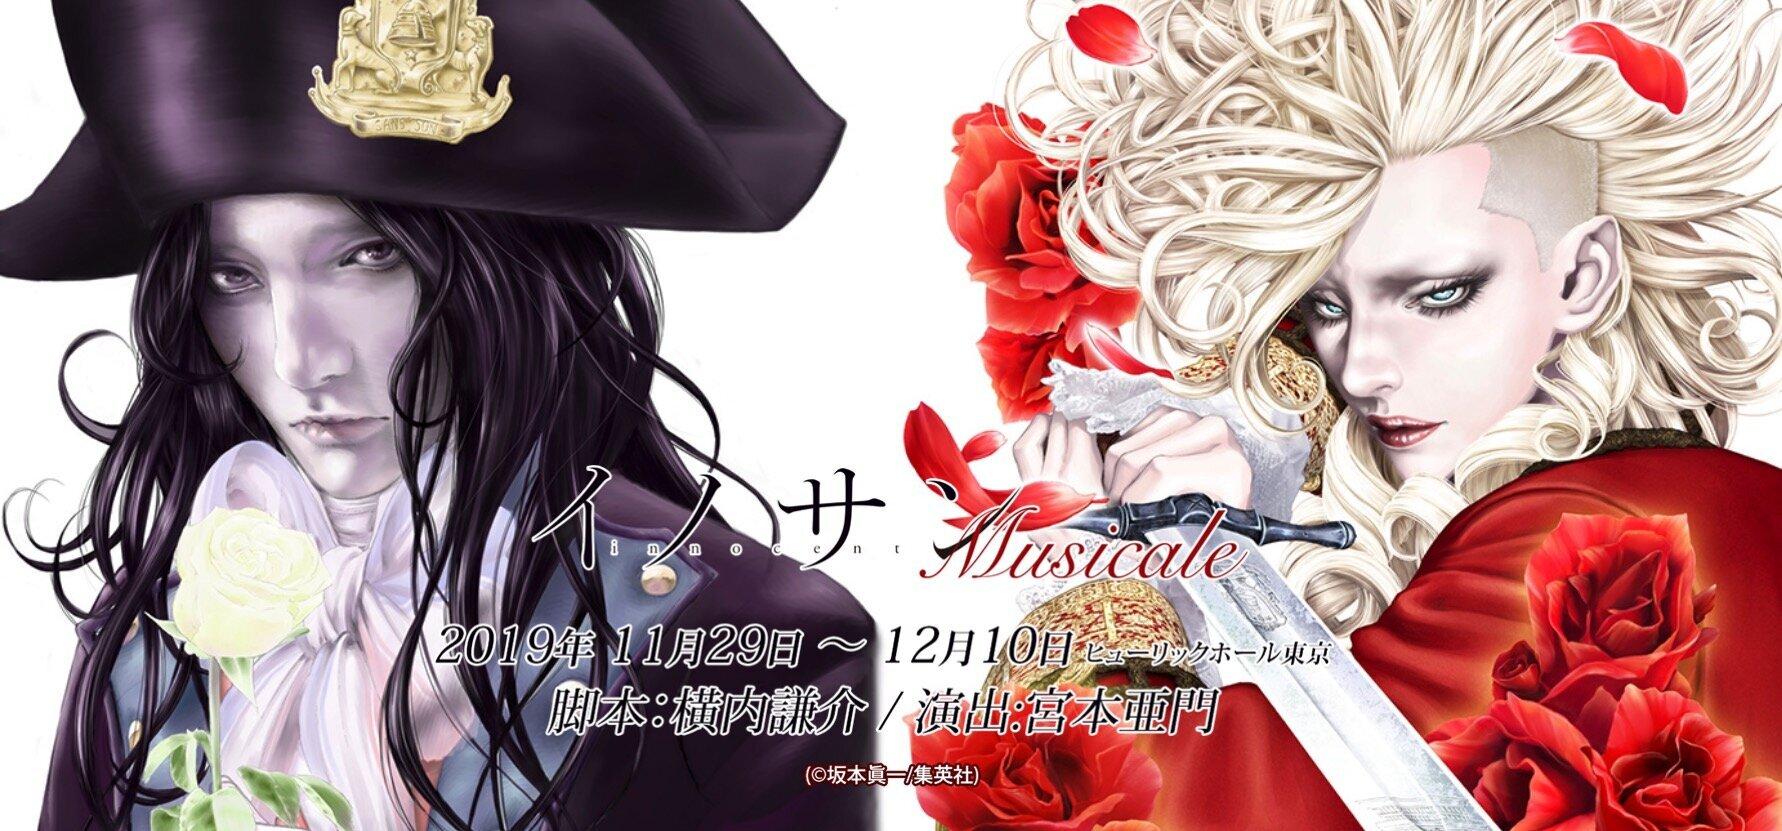 人気漫画「イノサン」が宮本亜門氏でミュージカル舞台化 東京とパリで上演